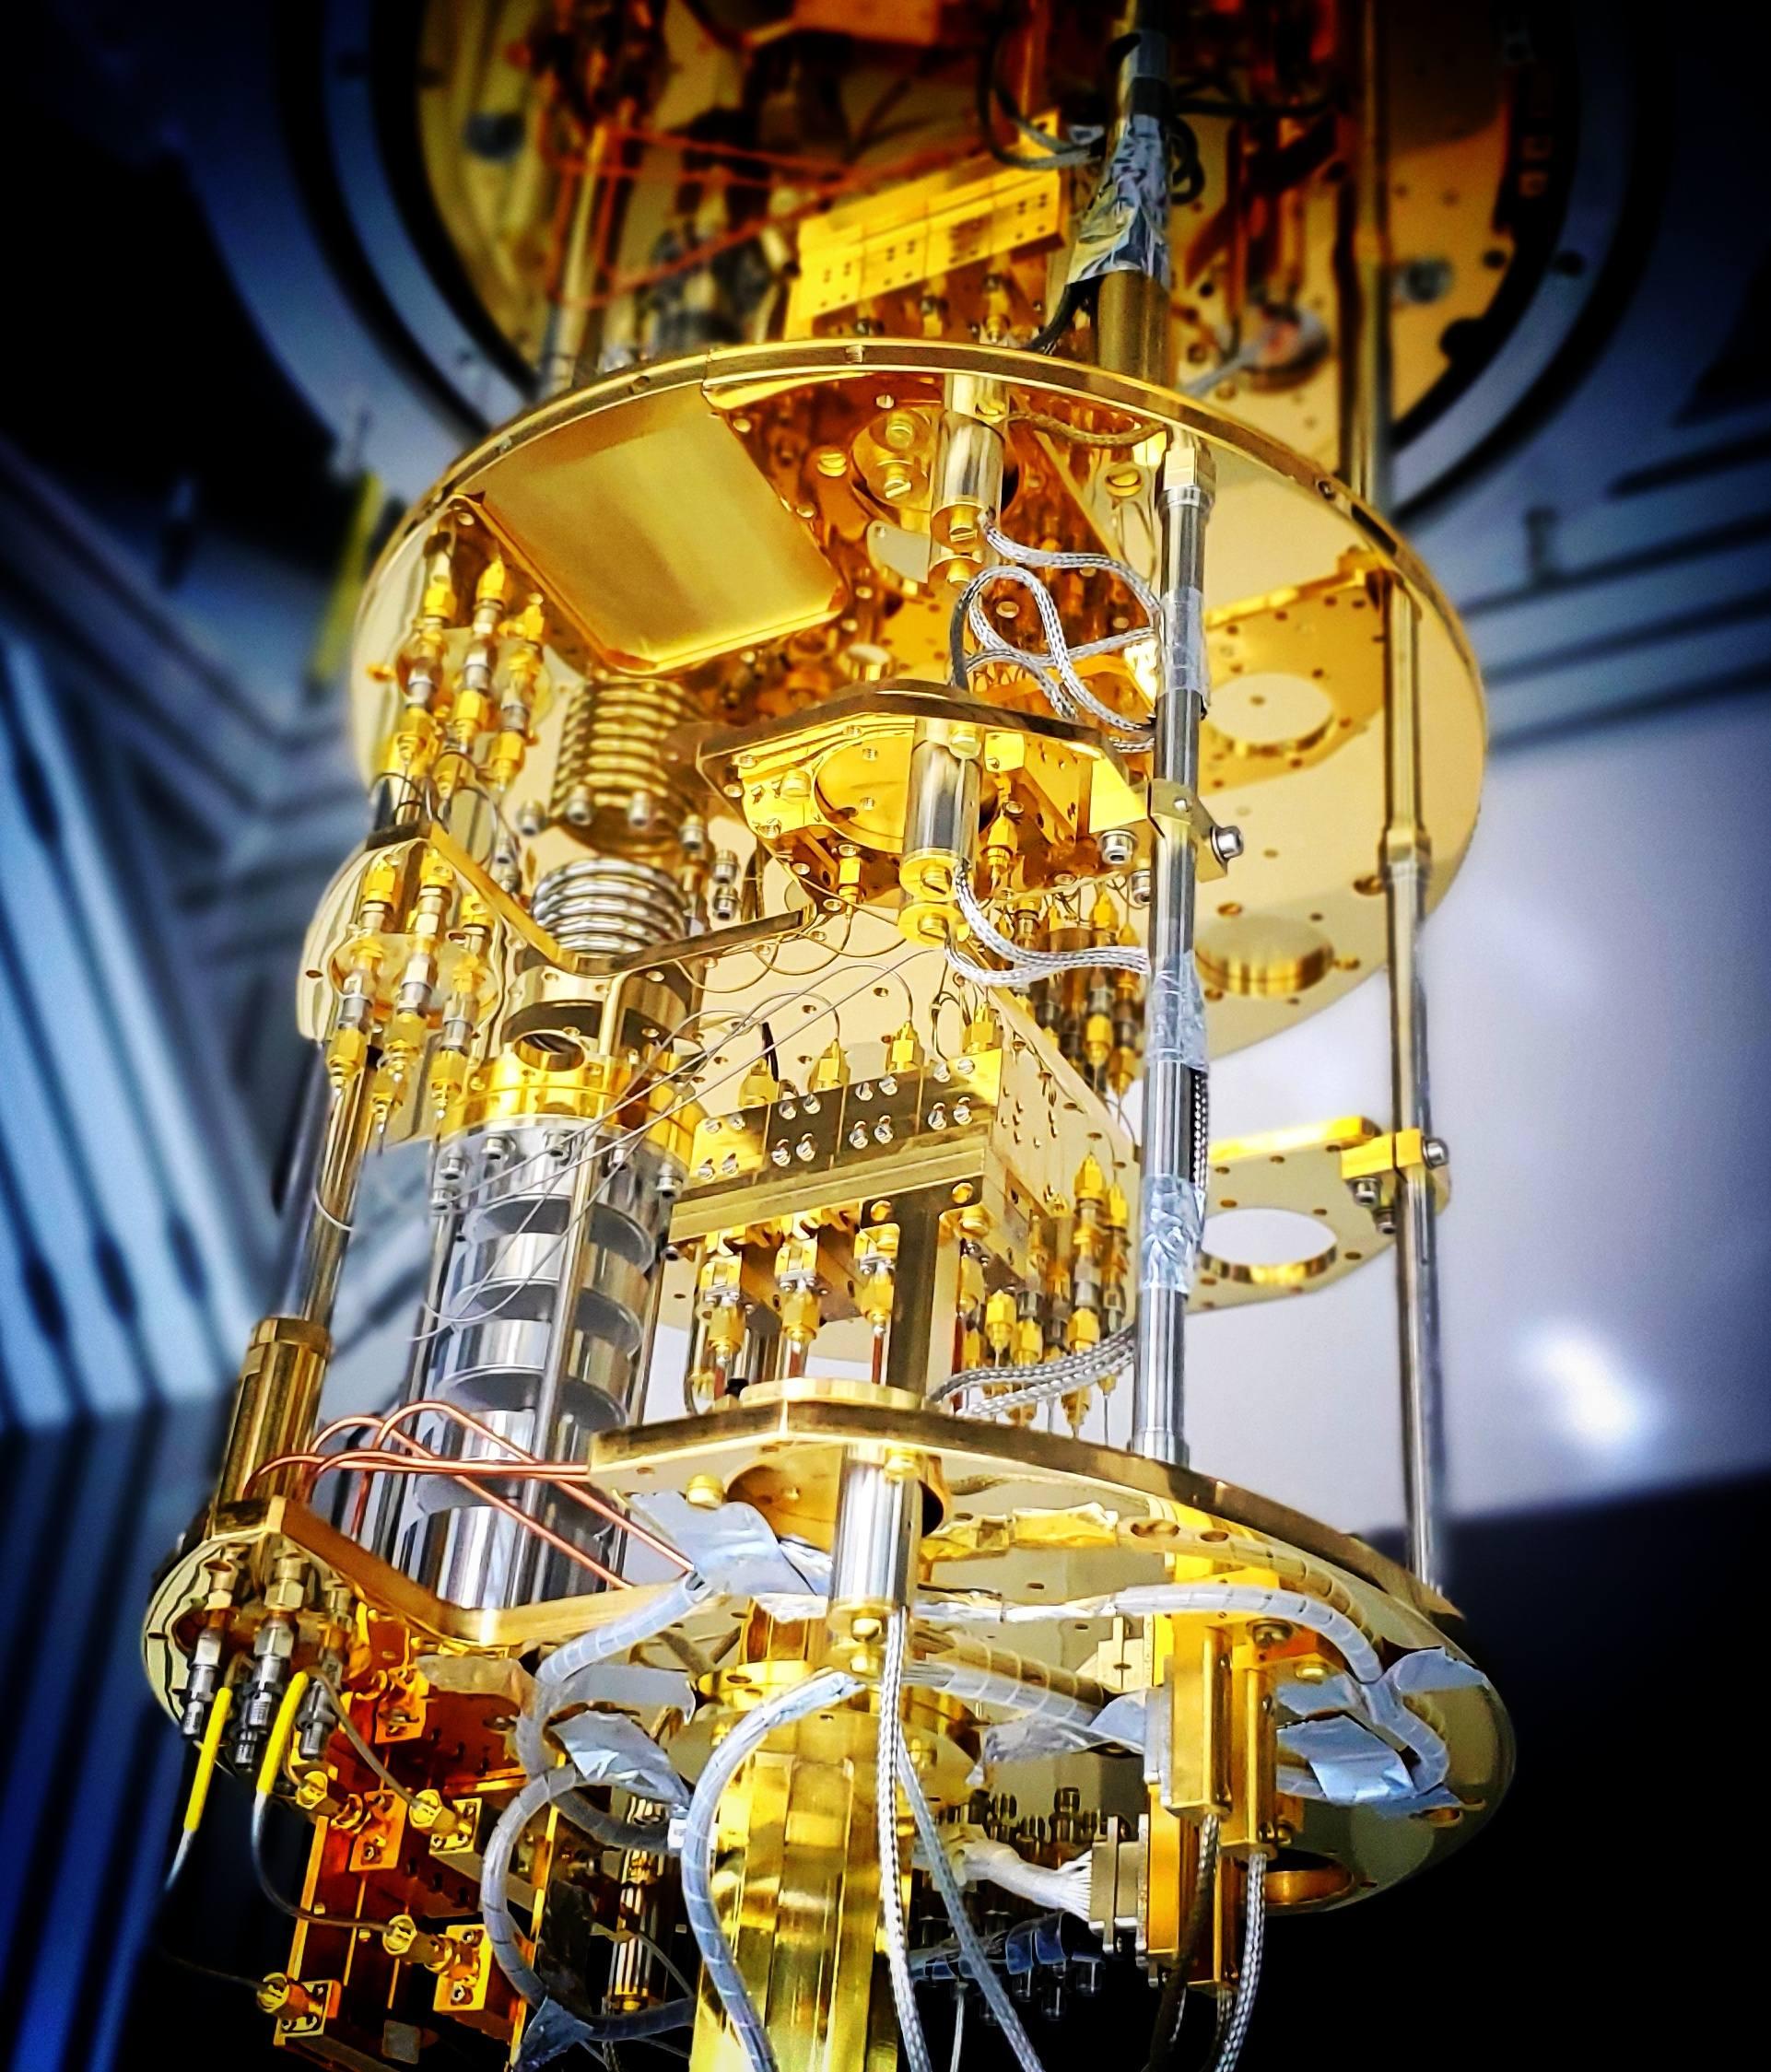 36氪首发丨24比特超导量子计算机即将上线,本源量子获中网投领投数亿元A轮融资